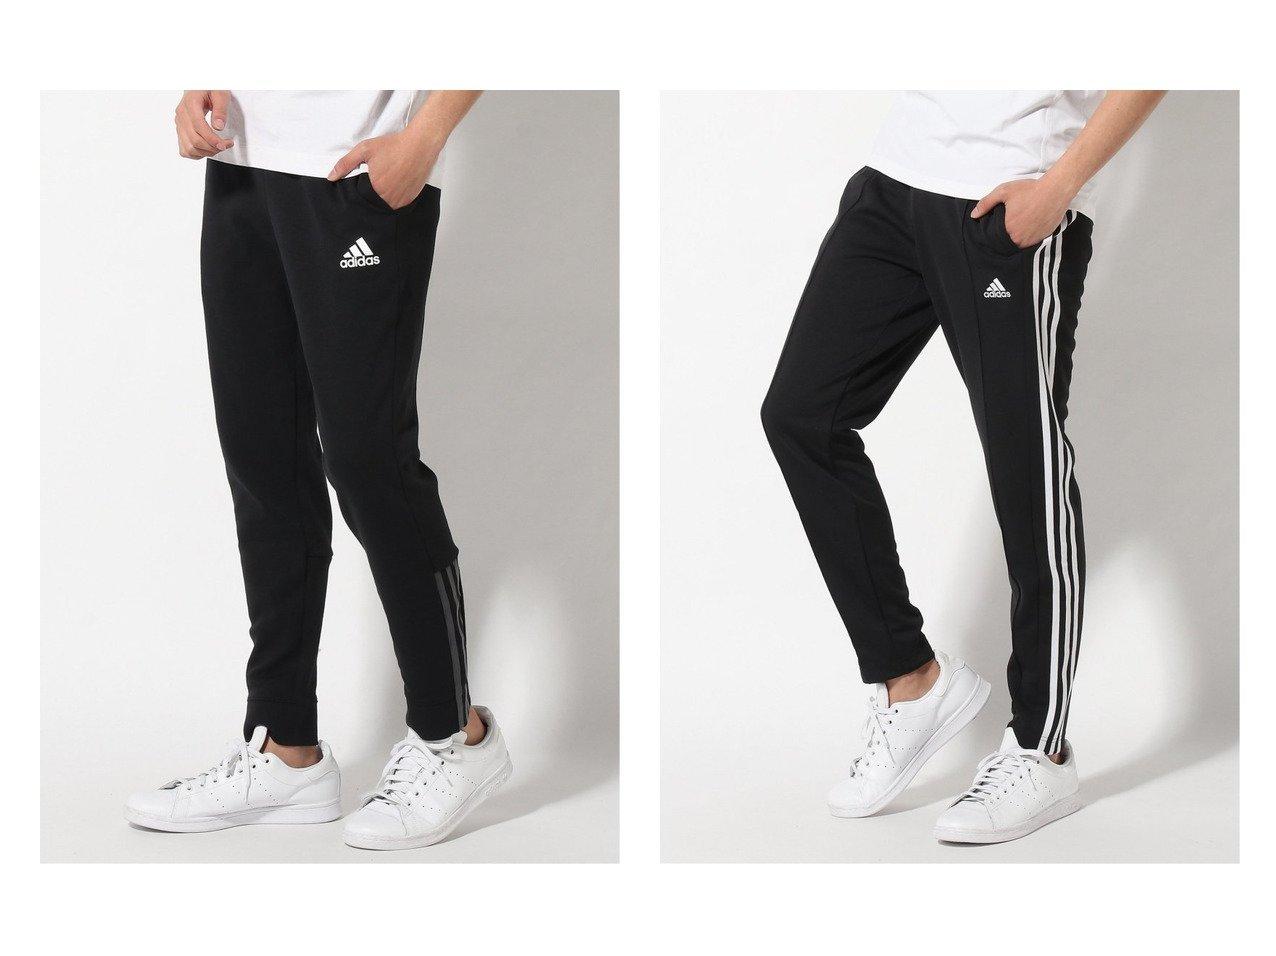 【adidas Sports Performance / MEN/アディダス スポーツ パフォーマンス】のエッセンシャルズ マットカット 3ストライプス パンツ Essentials Matte Cut 3-Stripes Pants アディダス&マストハブ 3ストライプス トラックパンツ(ジャージ) Must Haves 3-Stripes Track Pants アディダス adidasのおすすめ!人気、トレンド・レディースファッションの通販 おすすめで人気の流行・トレンド、ファッションの通販商品 メンズファッション・キッズファッション・インテリア・家具・レディースファッション・服の通販 founy(ファニー) https://founy.com/ ファッション Fashion メンズファッション MEN ボトムス Bottoms Men ジーンズ スポーツ ダブル ポケット 再入荷 Restock/Back in Stock/Re Arrival クラシック ジャージ ドローコード ファブリック 水着 |ID:crp329100000018231